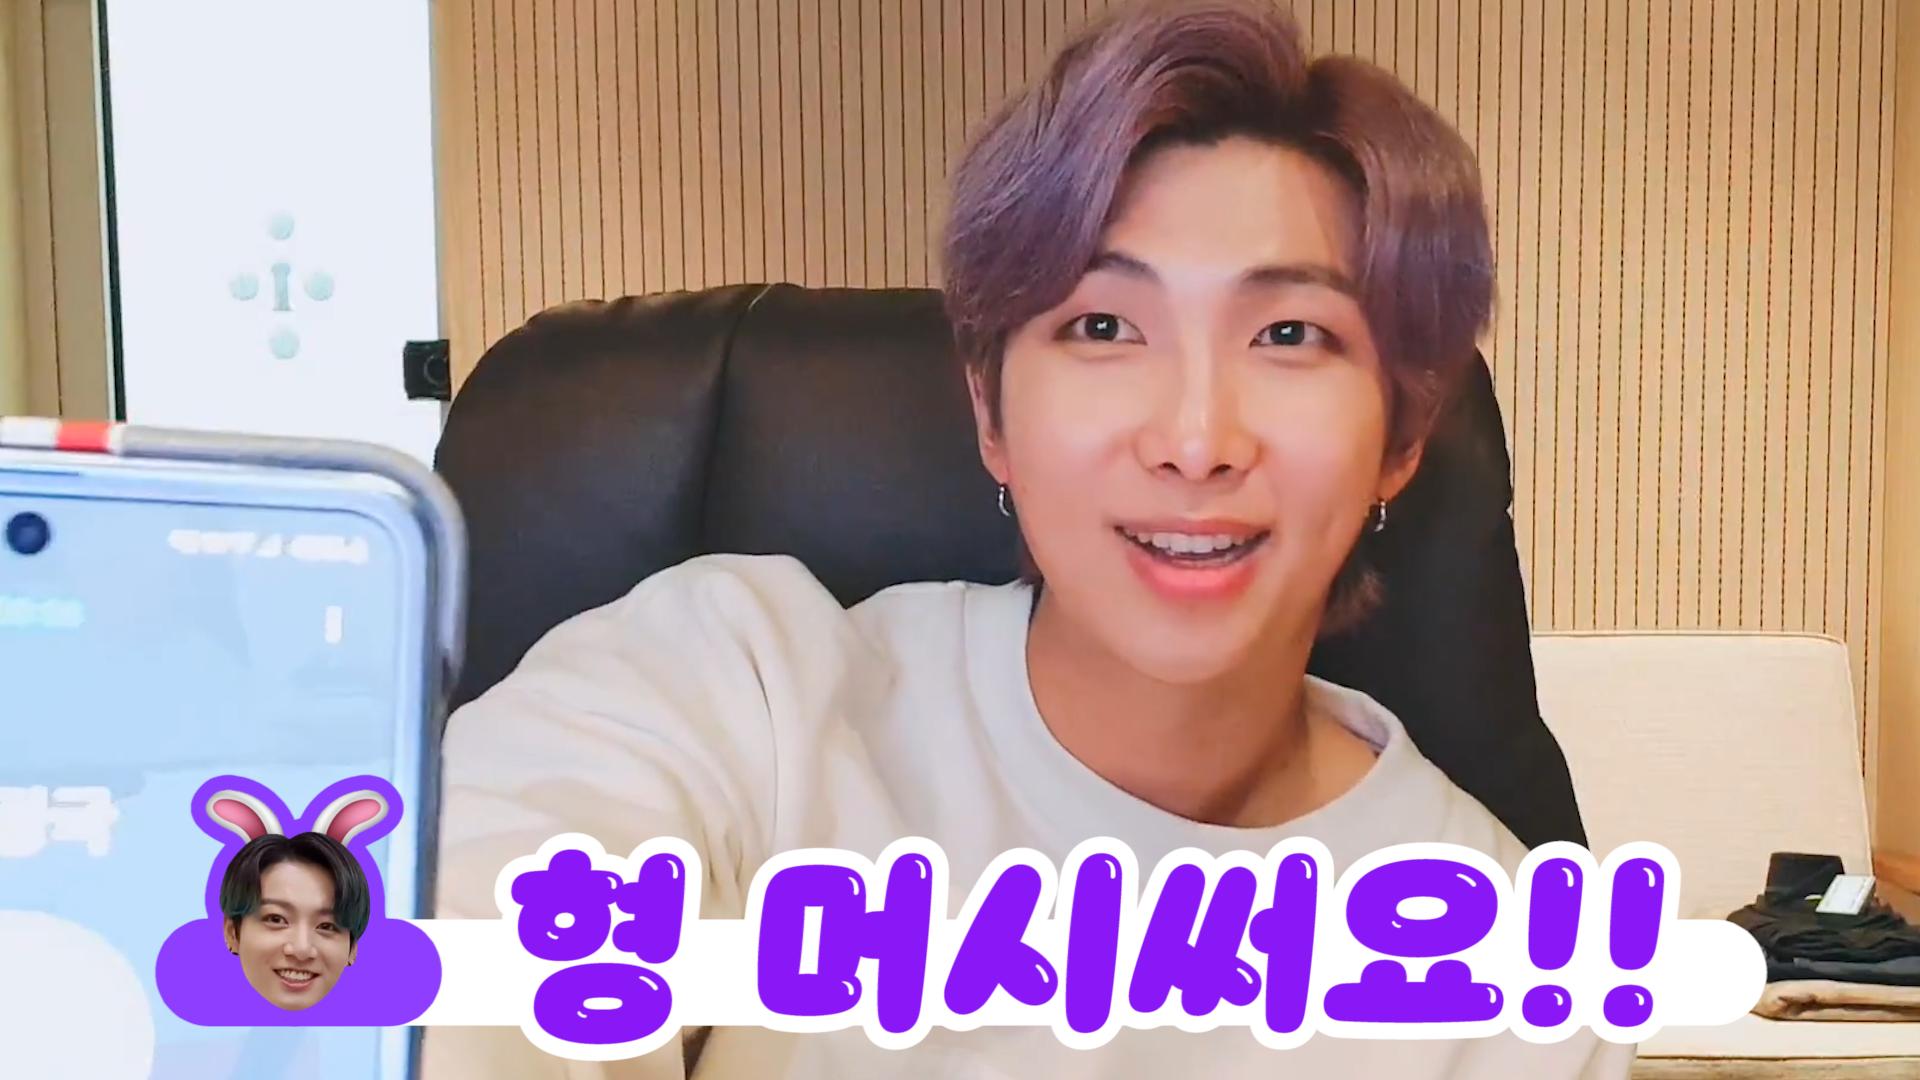 [BTS] 준이 멋있어서 눈물 칠칠,, 눈에 속눈썹 대신 두루마리 휴지 붙이고 보잖아요..💦 (RM talking about 'Map of the soul : 7')